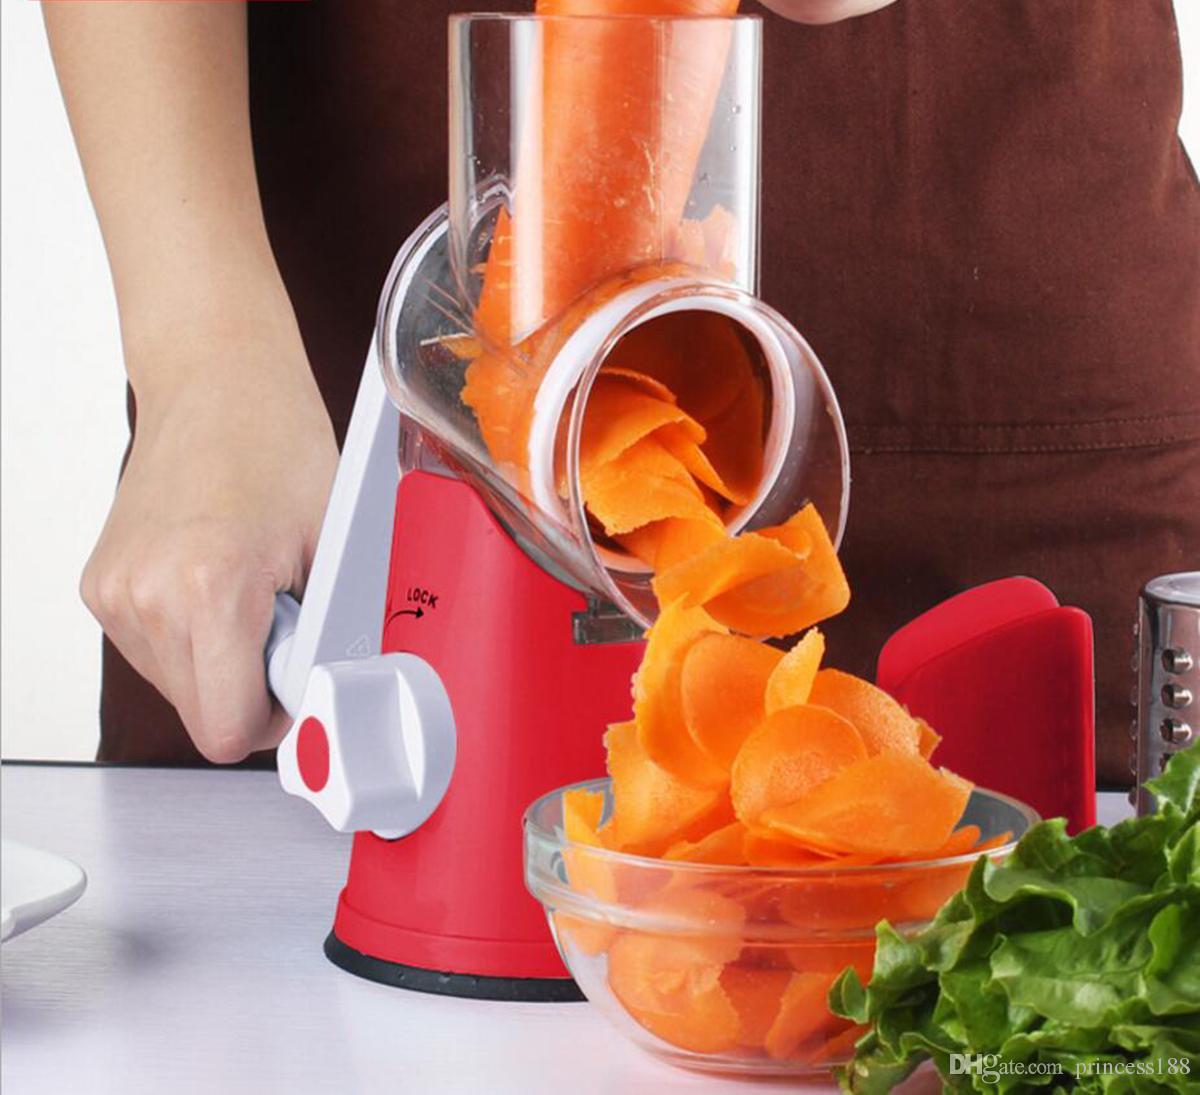 Manual Vegetable Cutter Silicer Grinder Multifunctional Round Mandoline Slicer Potato Cheese Kitchen Gadgets Kitchen Accessories